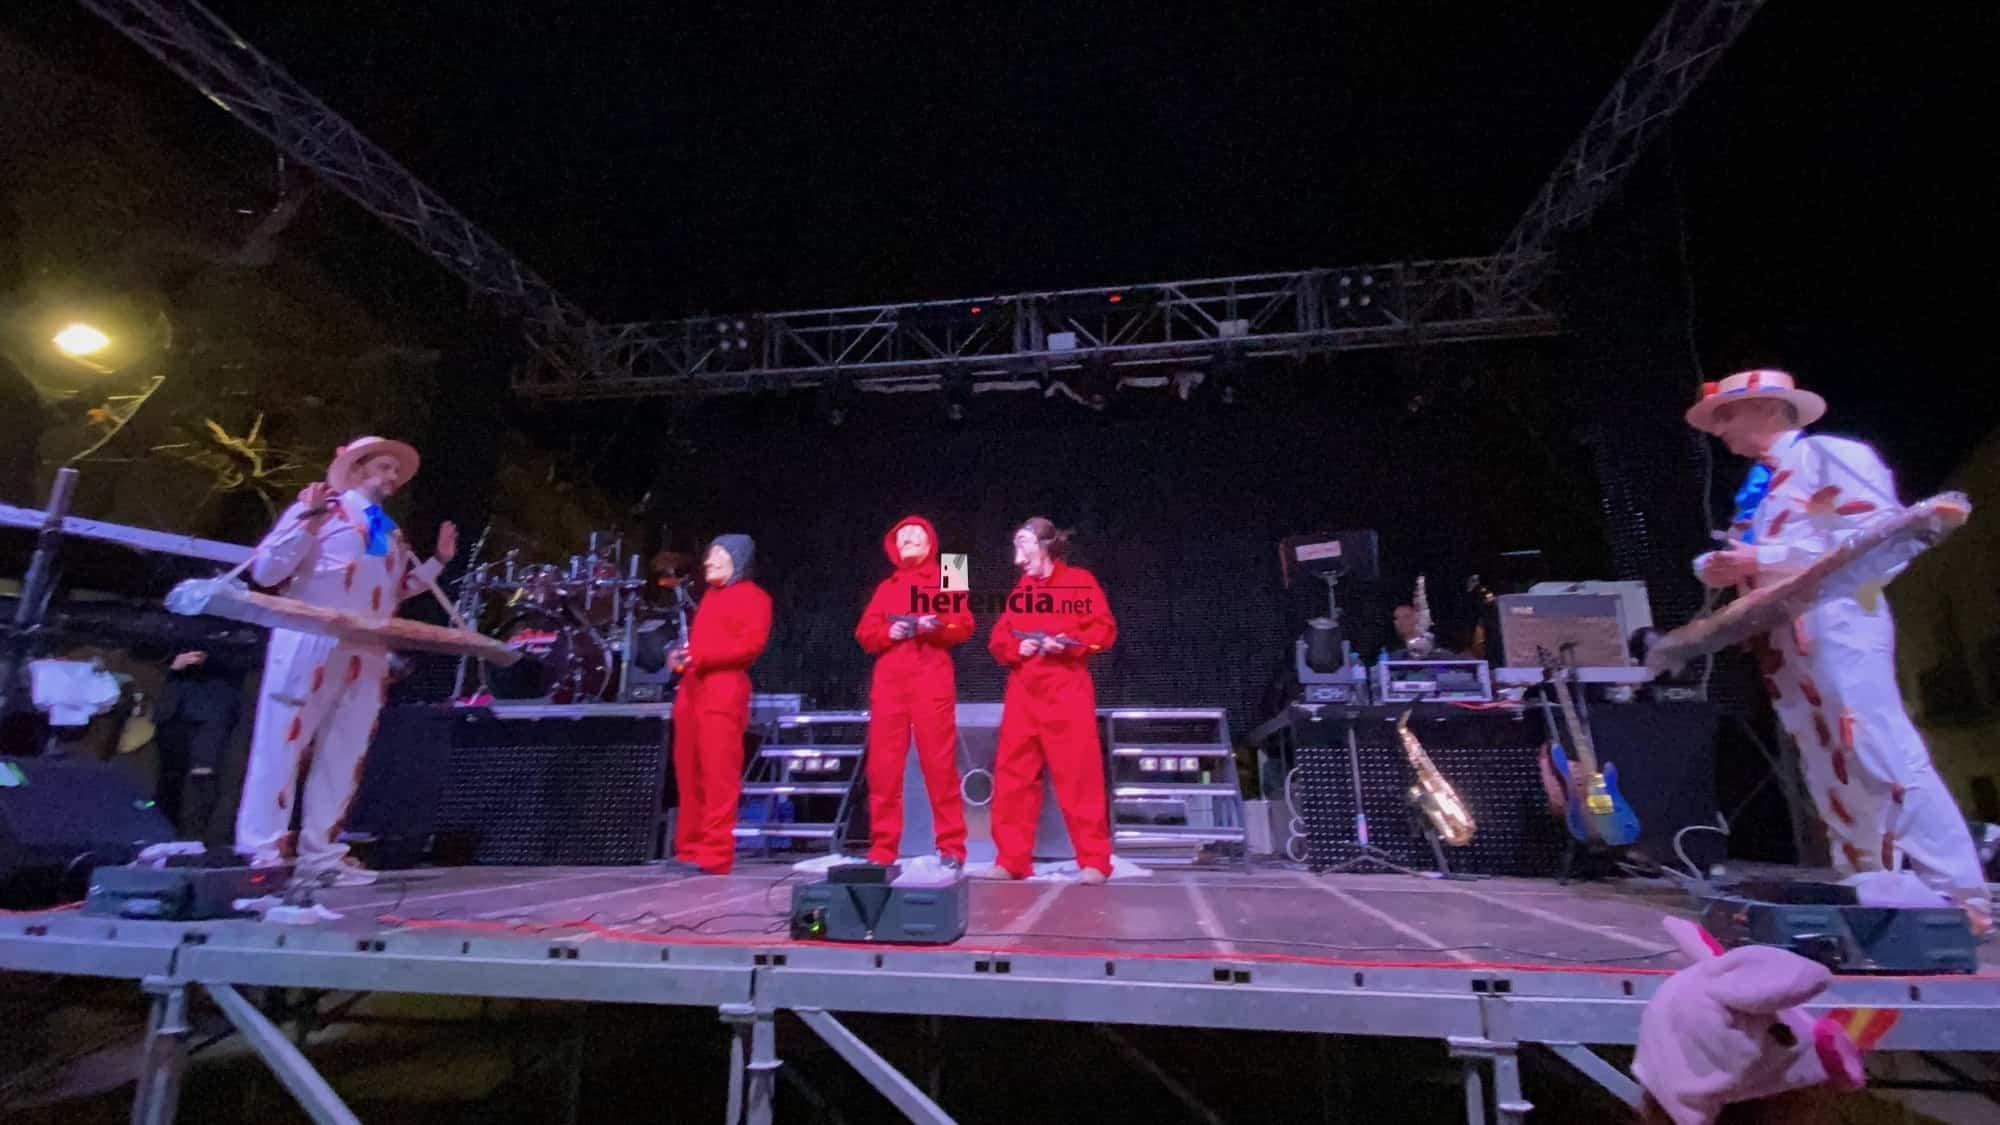 Inaugurado el Carnaval de Herencia 2020 con el Sábado de los Ansiosos 27